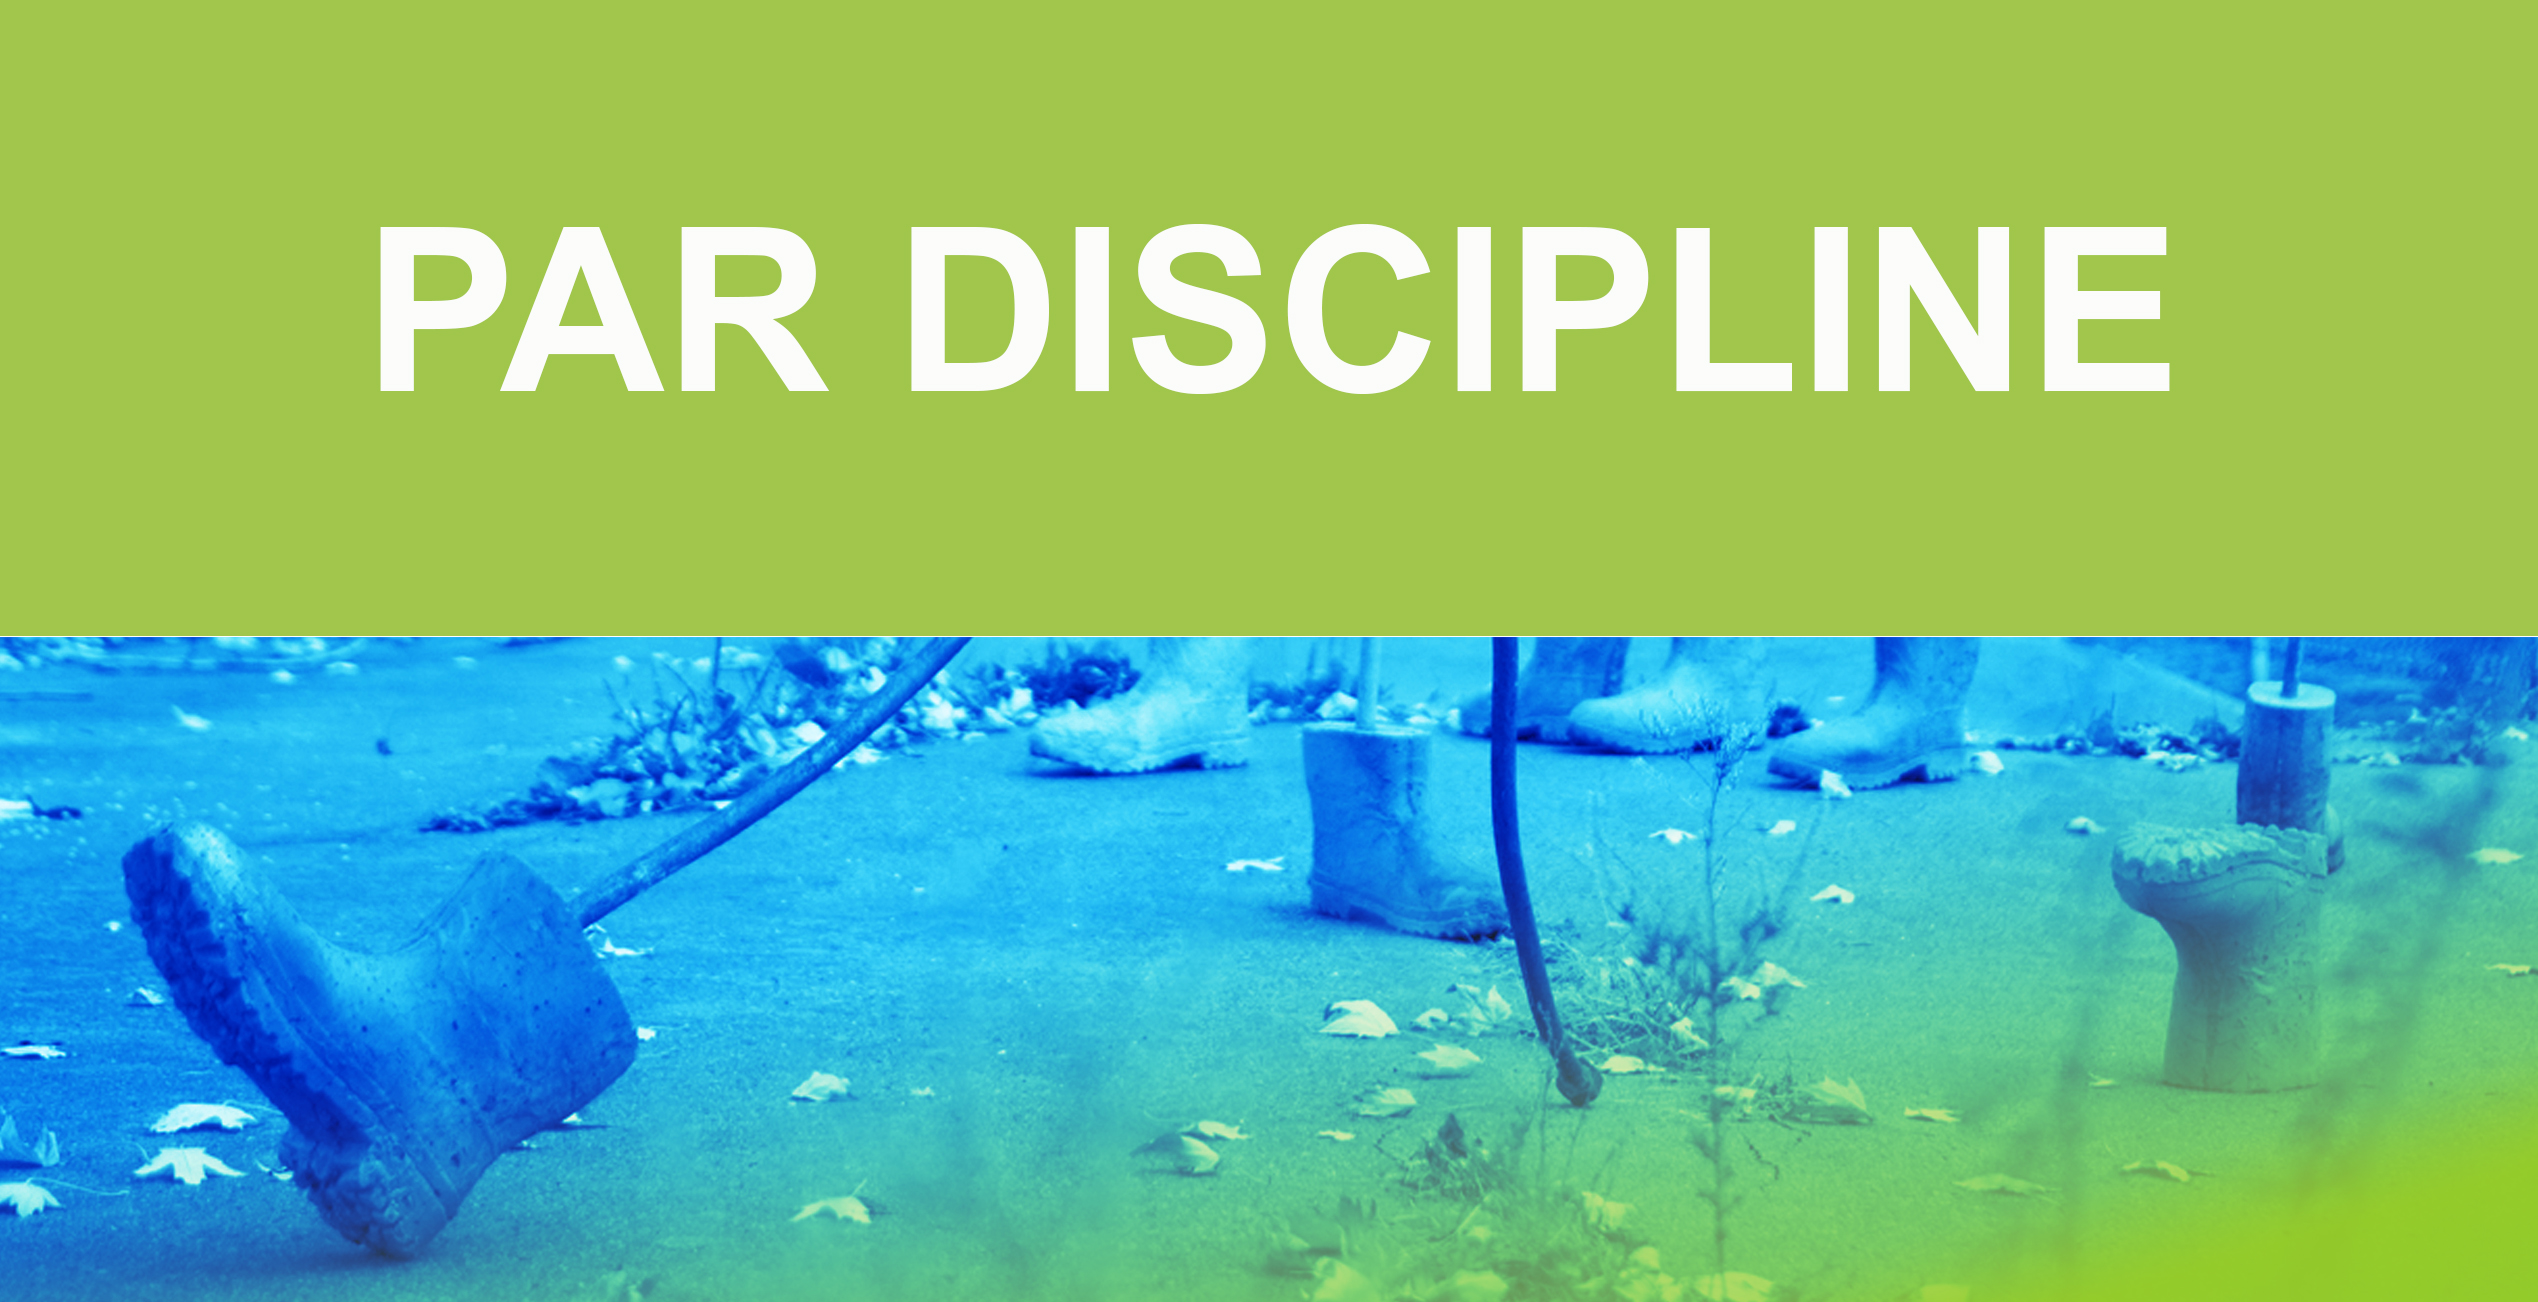 Par_discipline_image